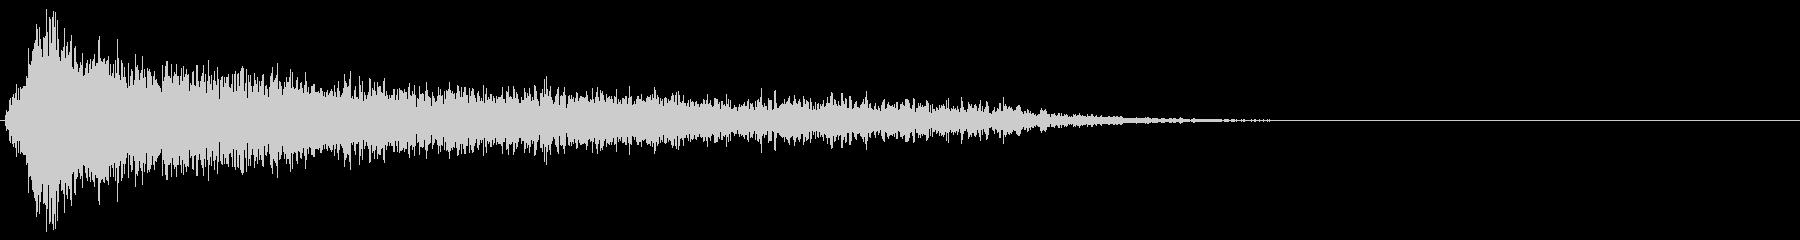 サスペンスピアノ音_1-2の未再生の波形